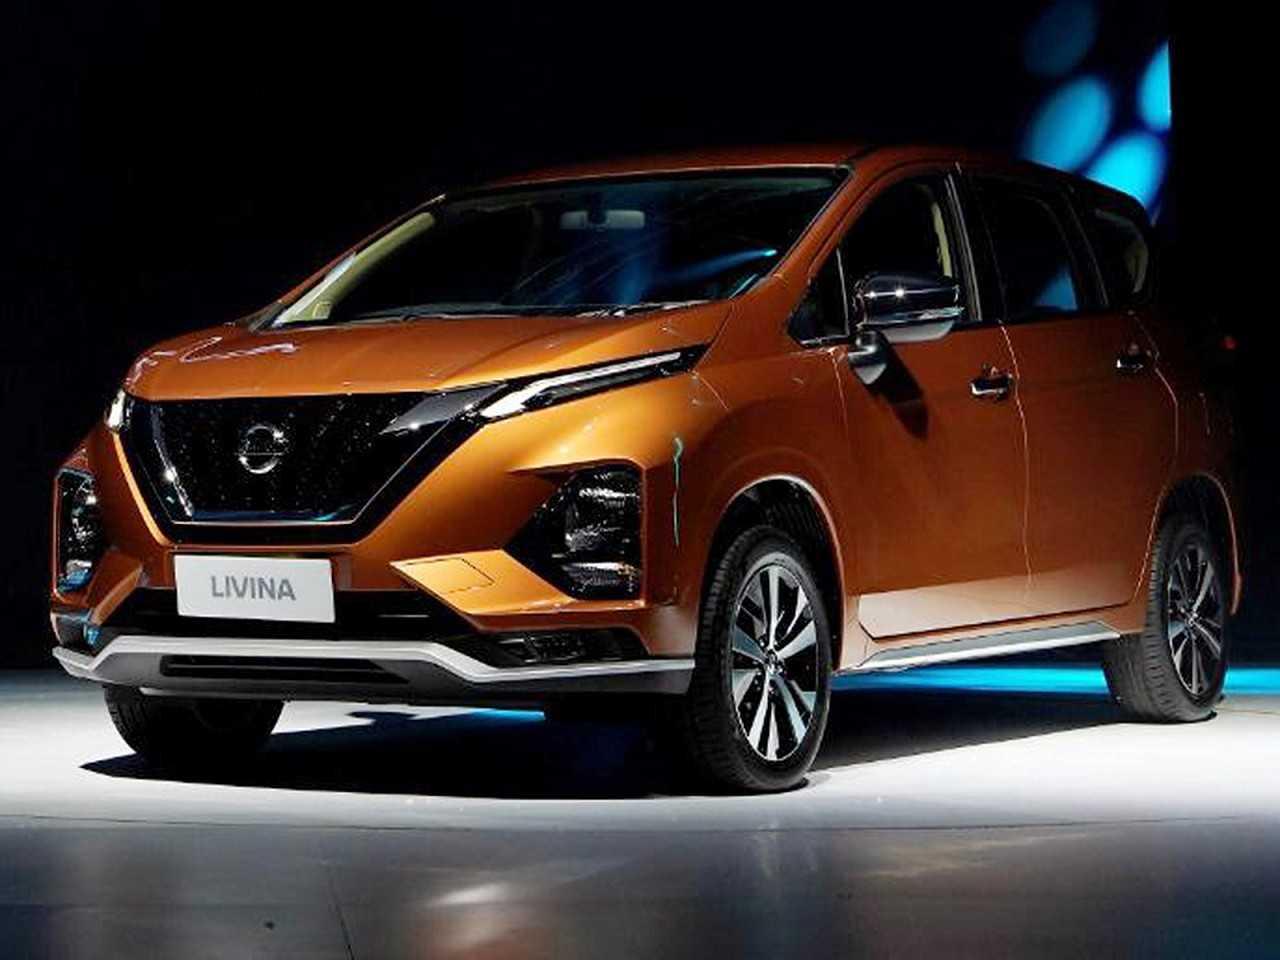 Nova geração do Nissan Livina revelada na Indonésia